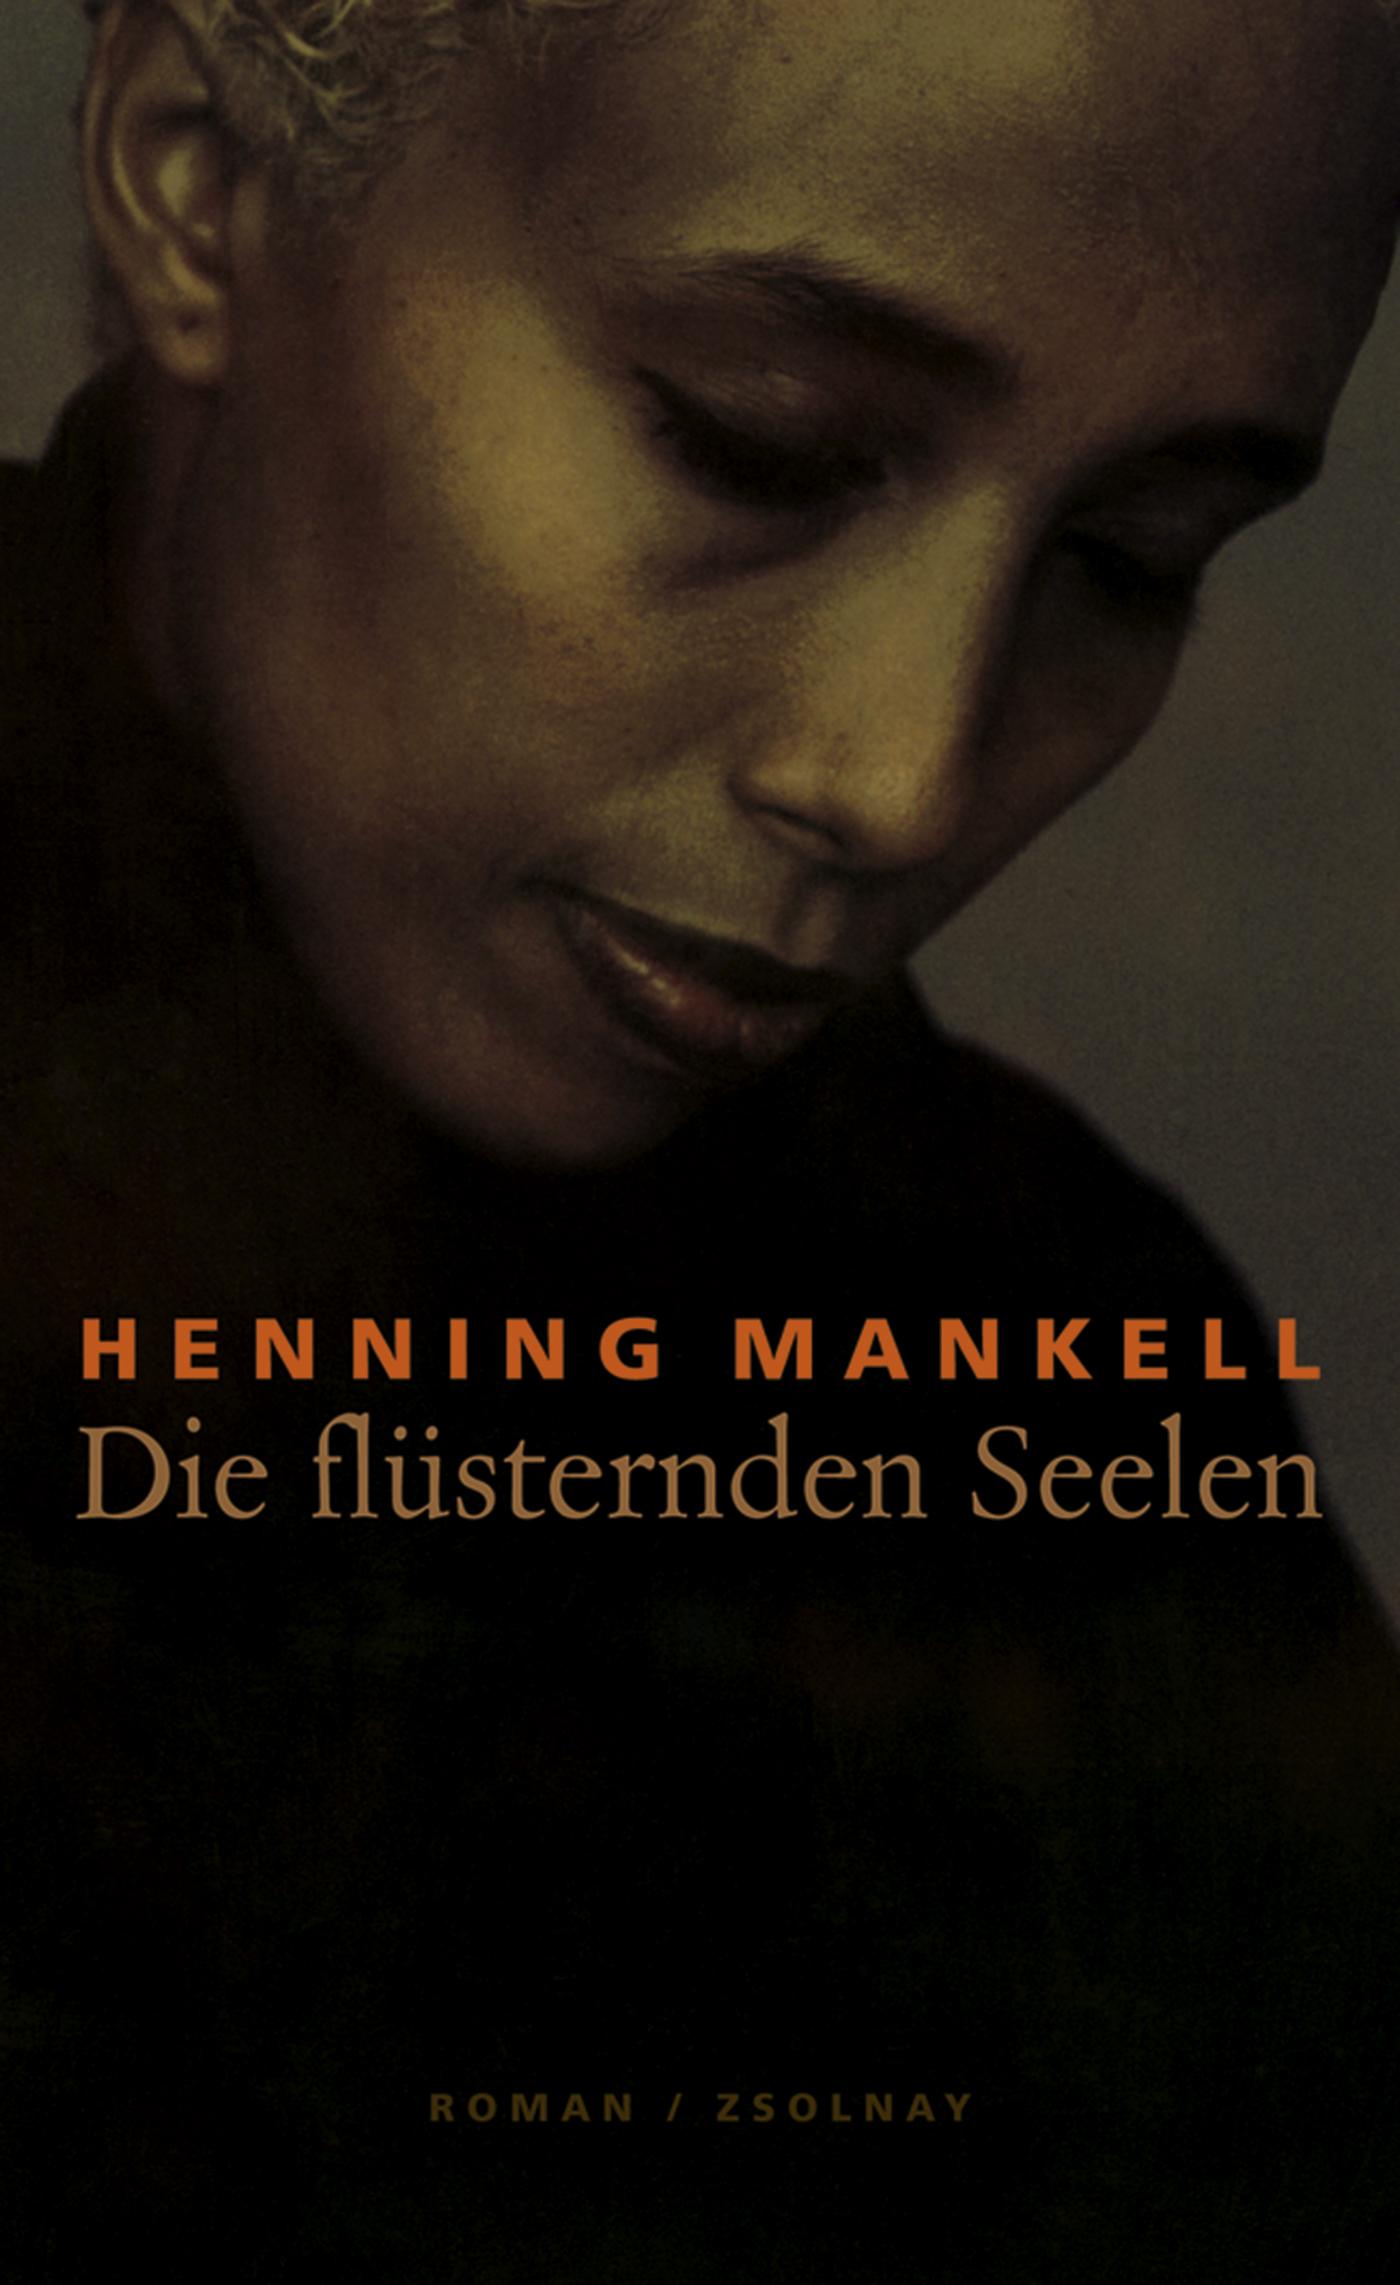 Die flüsternden Seelen - Henning Mankell